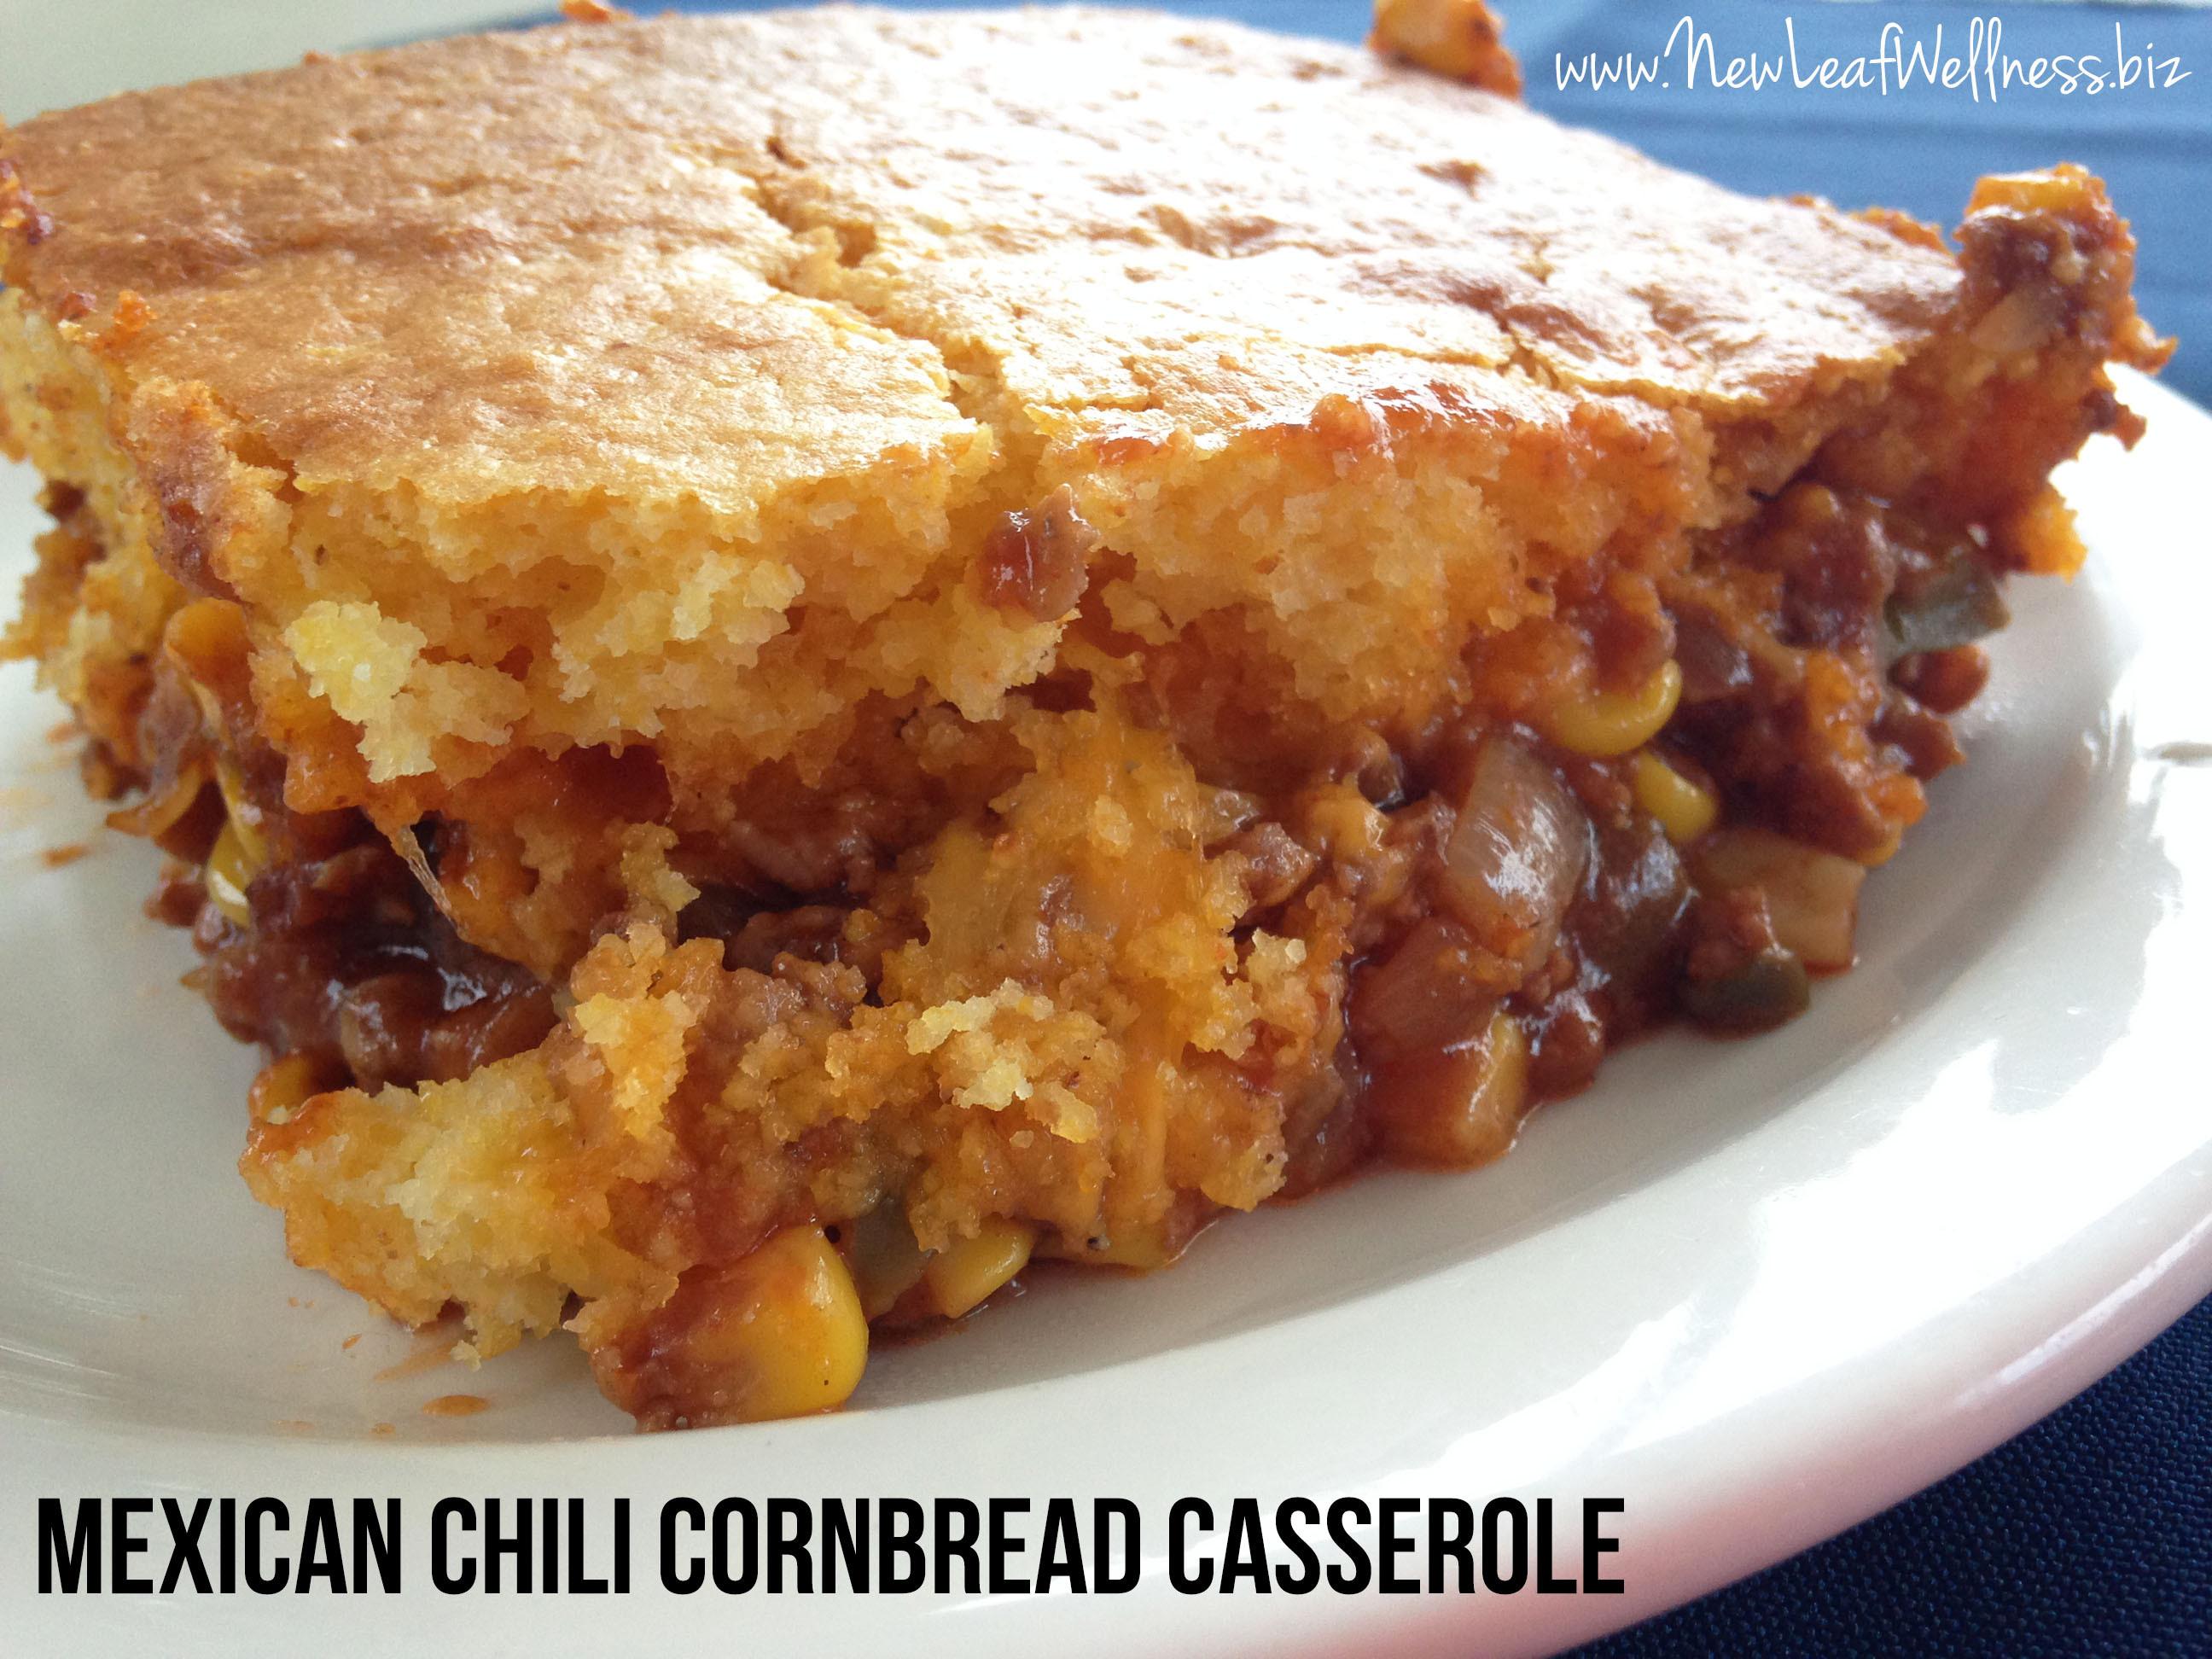 Recipe For Mexican Cornbread  Mexican chili cornbread casserole recipe – New Leaf Wellness